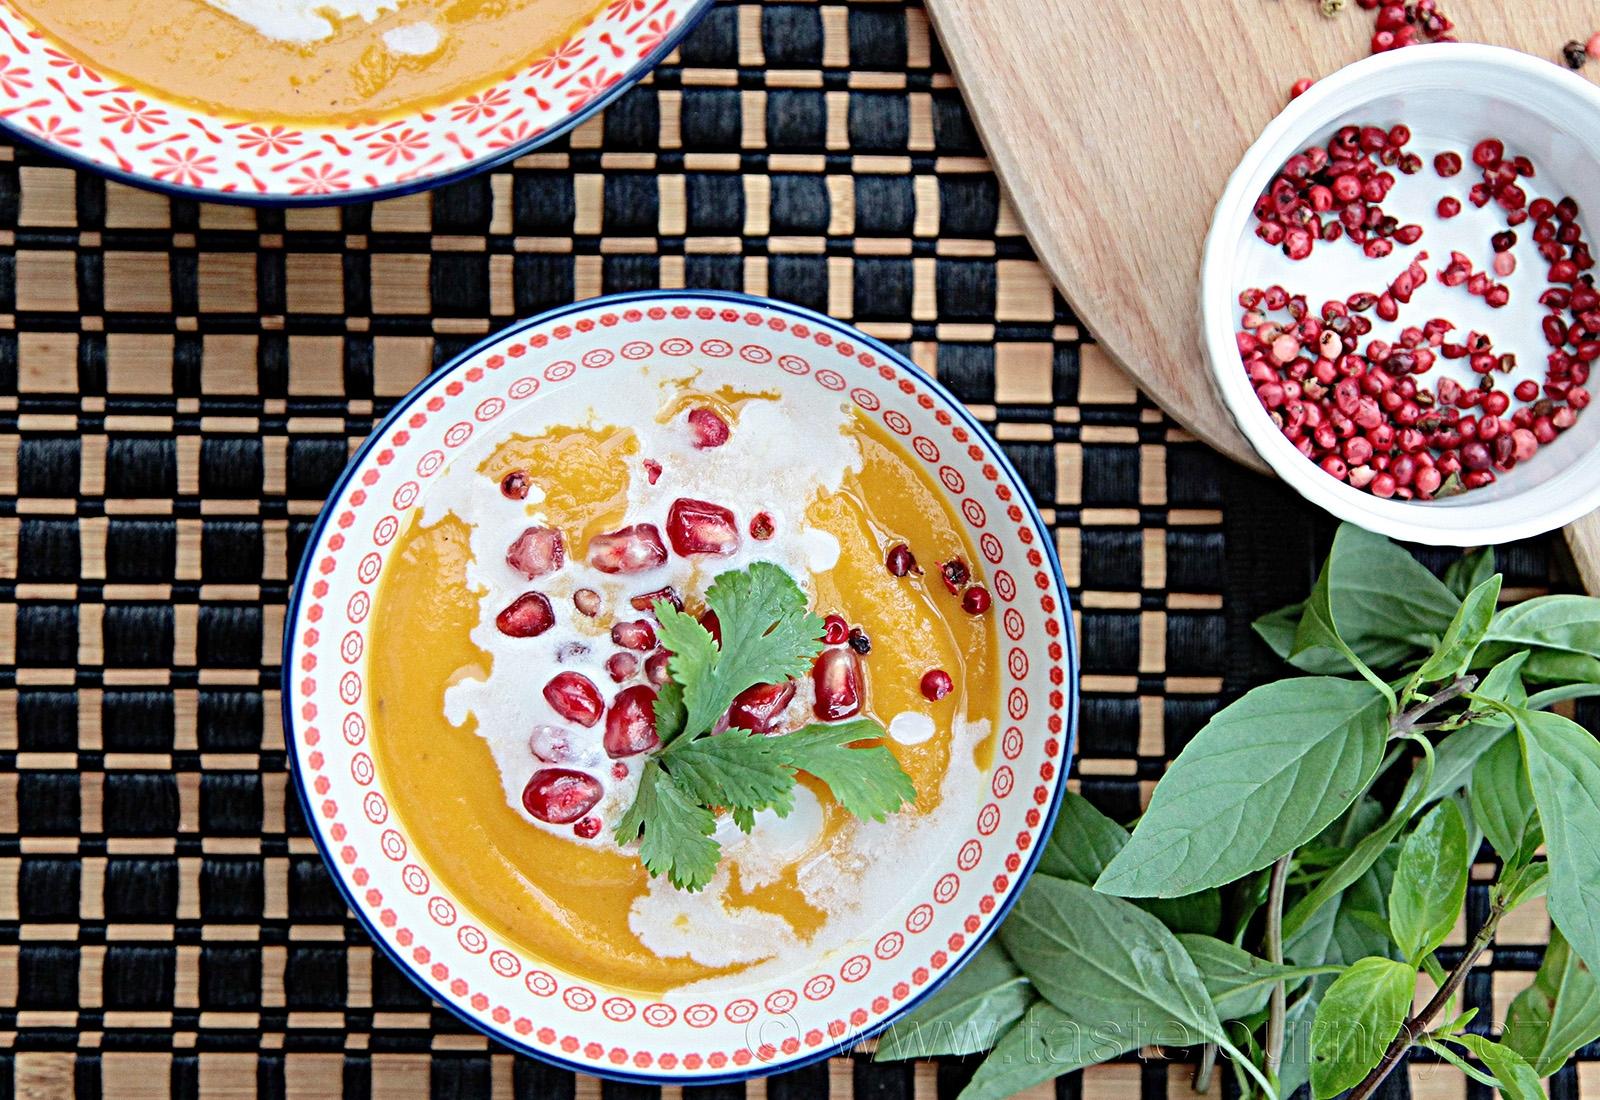 Zdravě a dietně. Polévka z máslové dýně s červeným pepřem